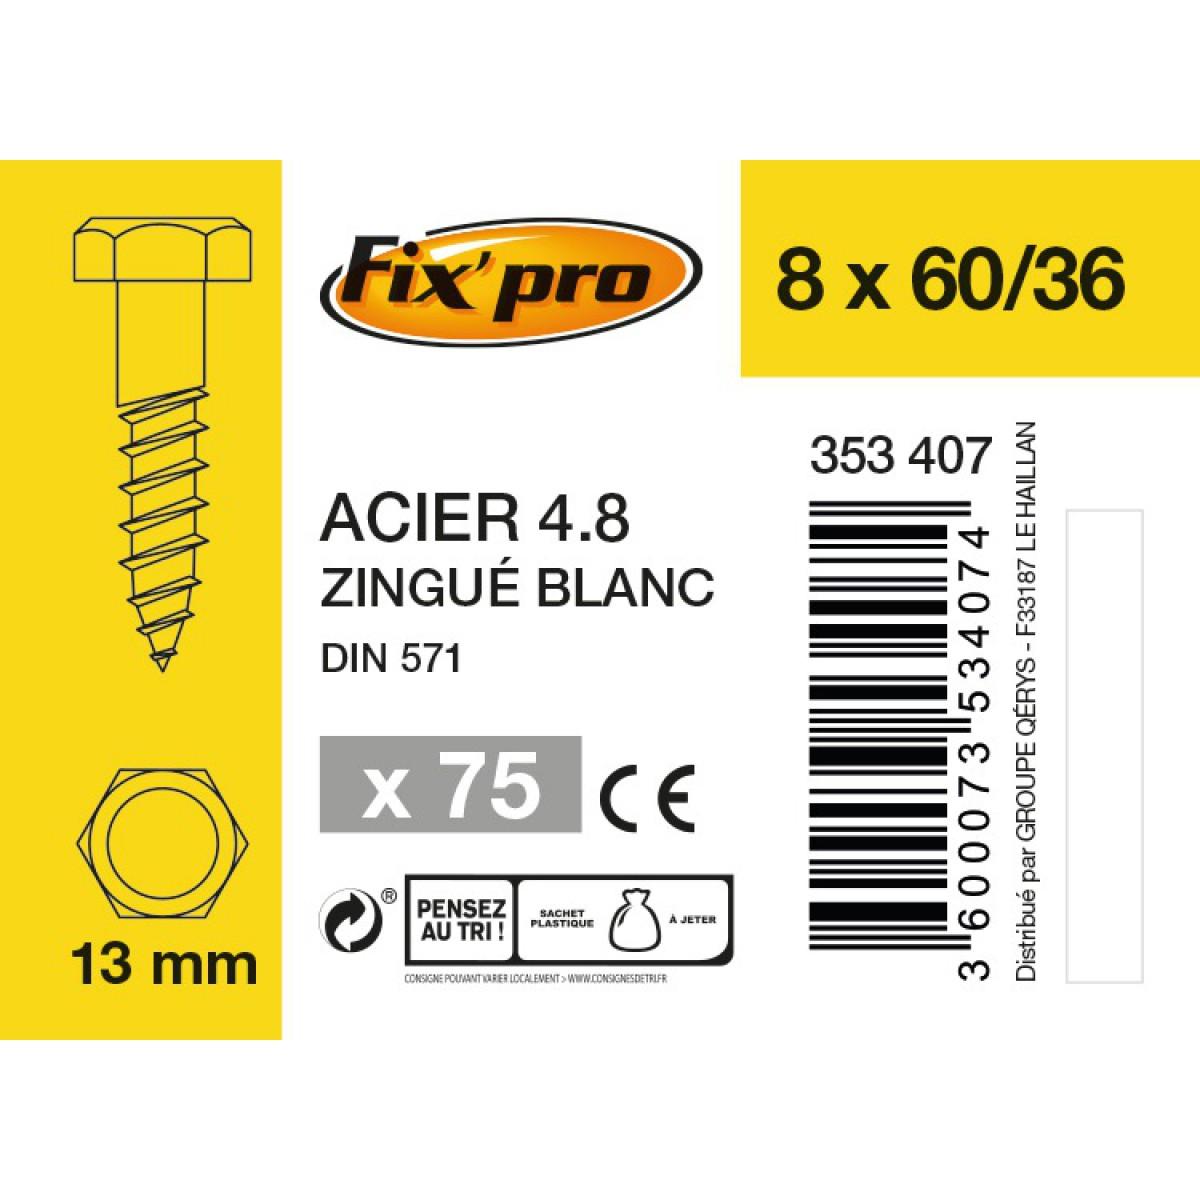 Tirefond tête hexagonale acier zingué - 8x60/36 - 75pces - Fixpro